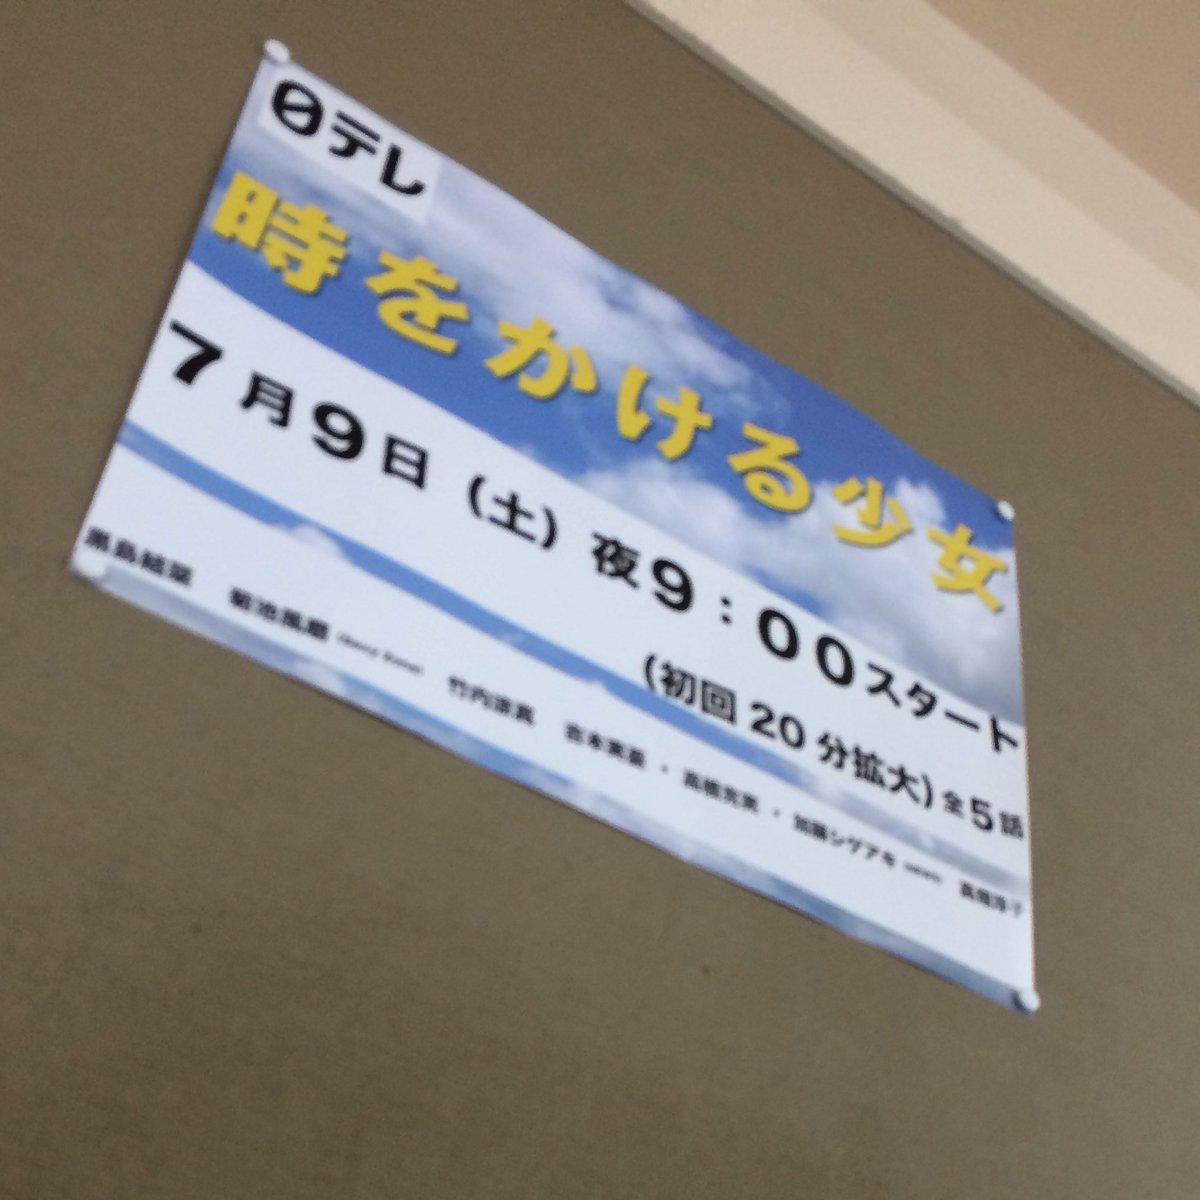 Cl3H-qSUYAIKB4I.jpg